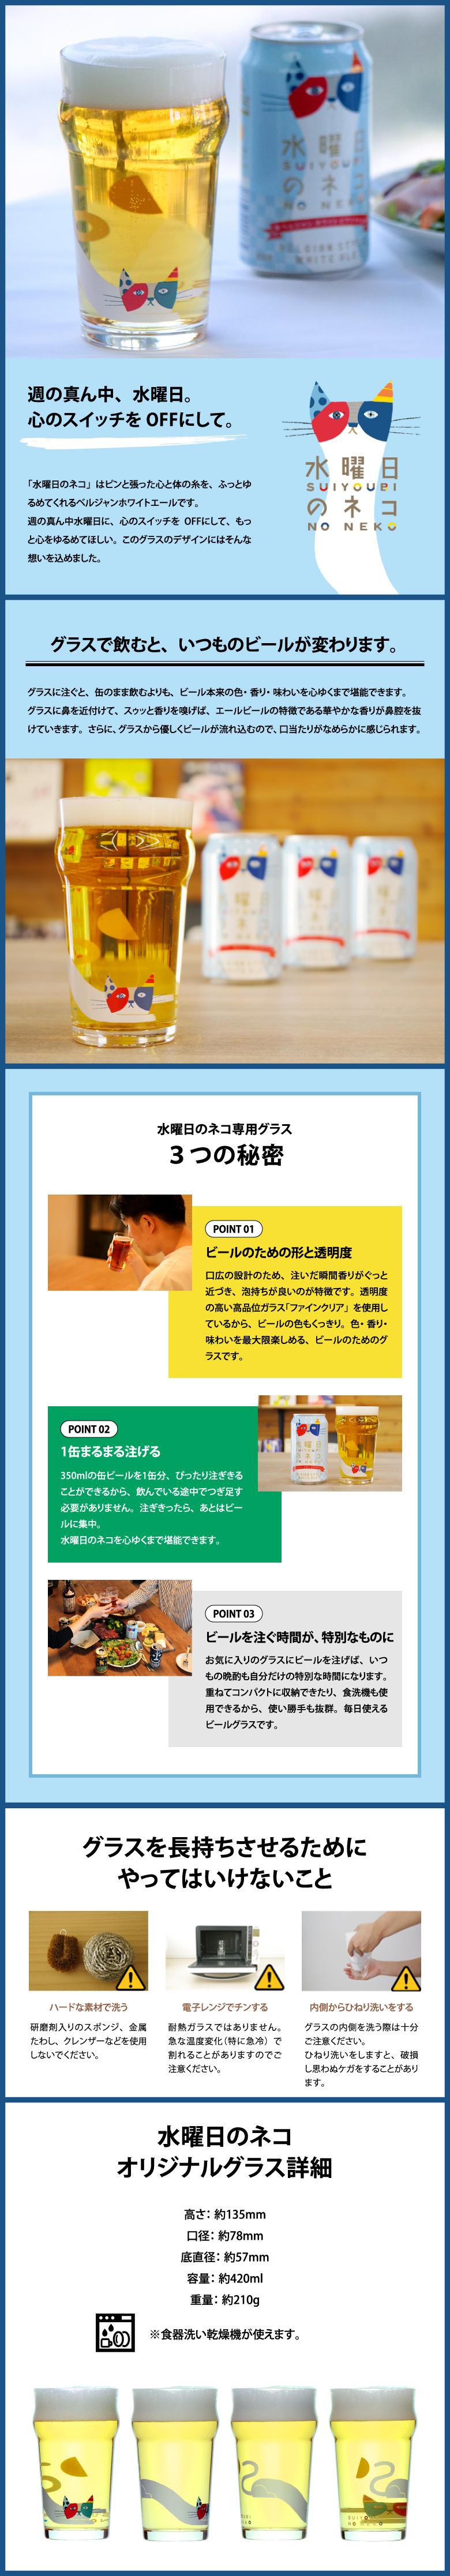 水曜日のネコ専用グラス 商品説明